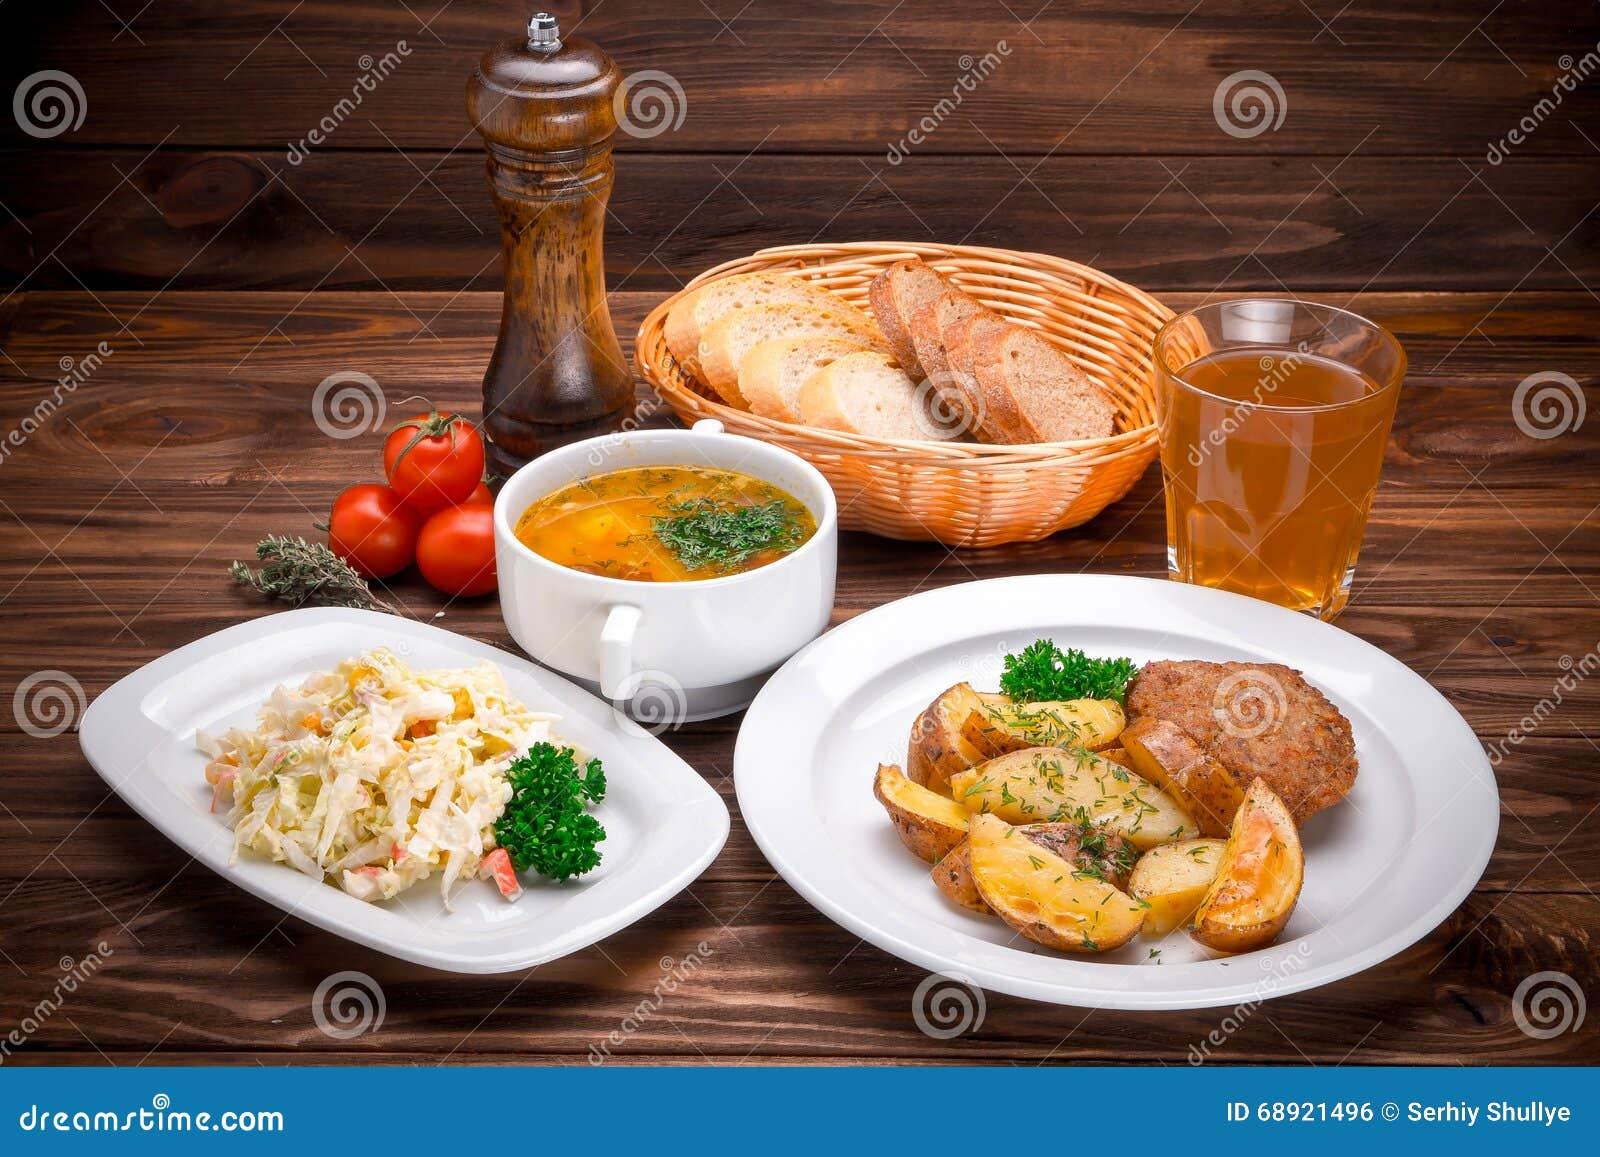 Сколькими способами это можно сделать, если: главная первые блюда у вовы на обед первое второе третье блюда и салат он обязательно.